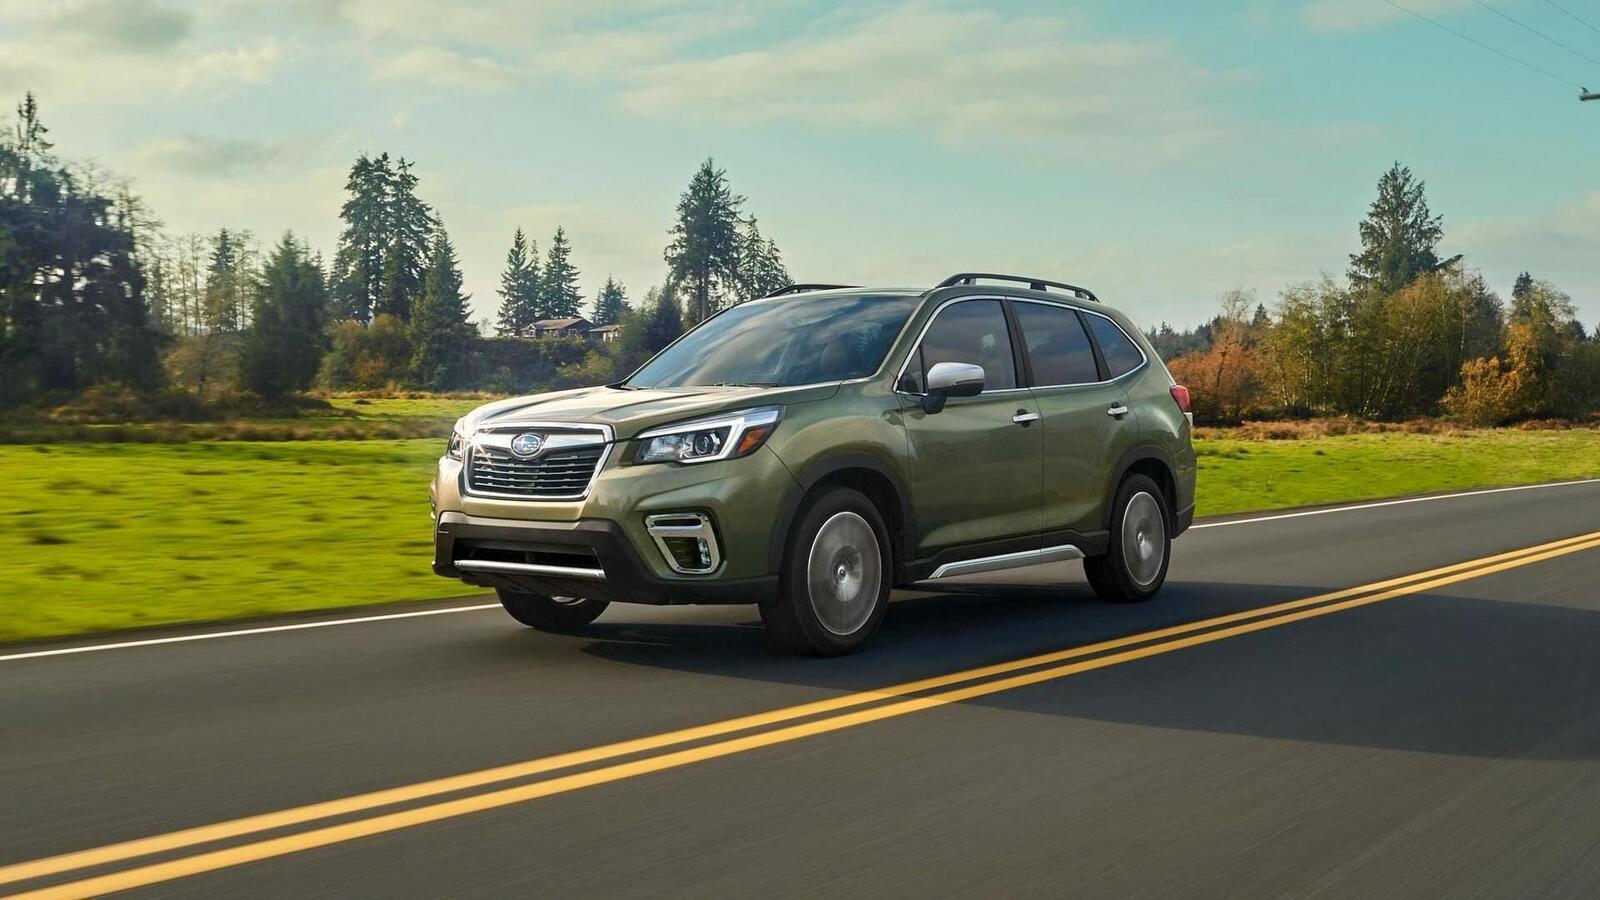 Subaru Forester 2019: Thay đổi nội ngoại thất, động cơ mạnh hơn, thêm nhiều phiên bản - Hình 2